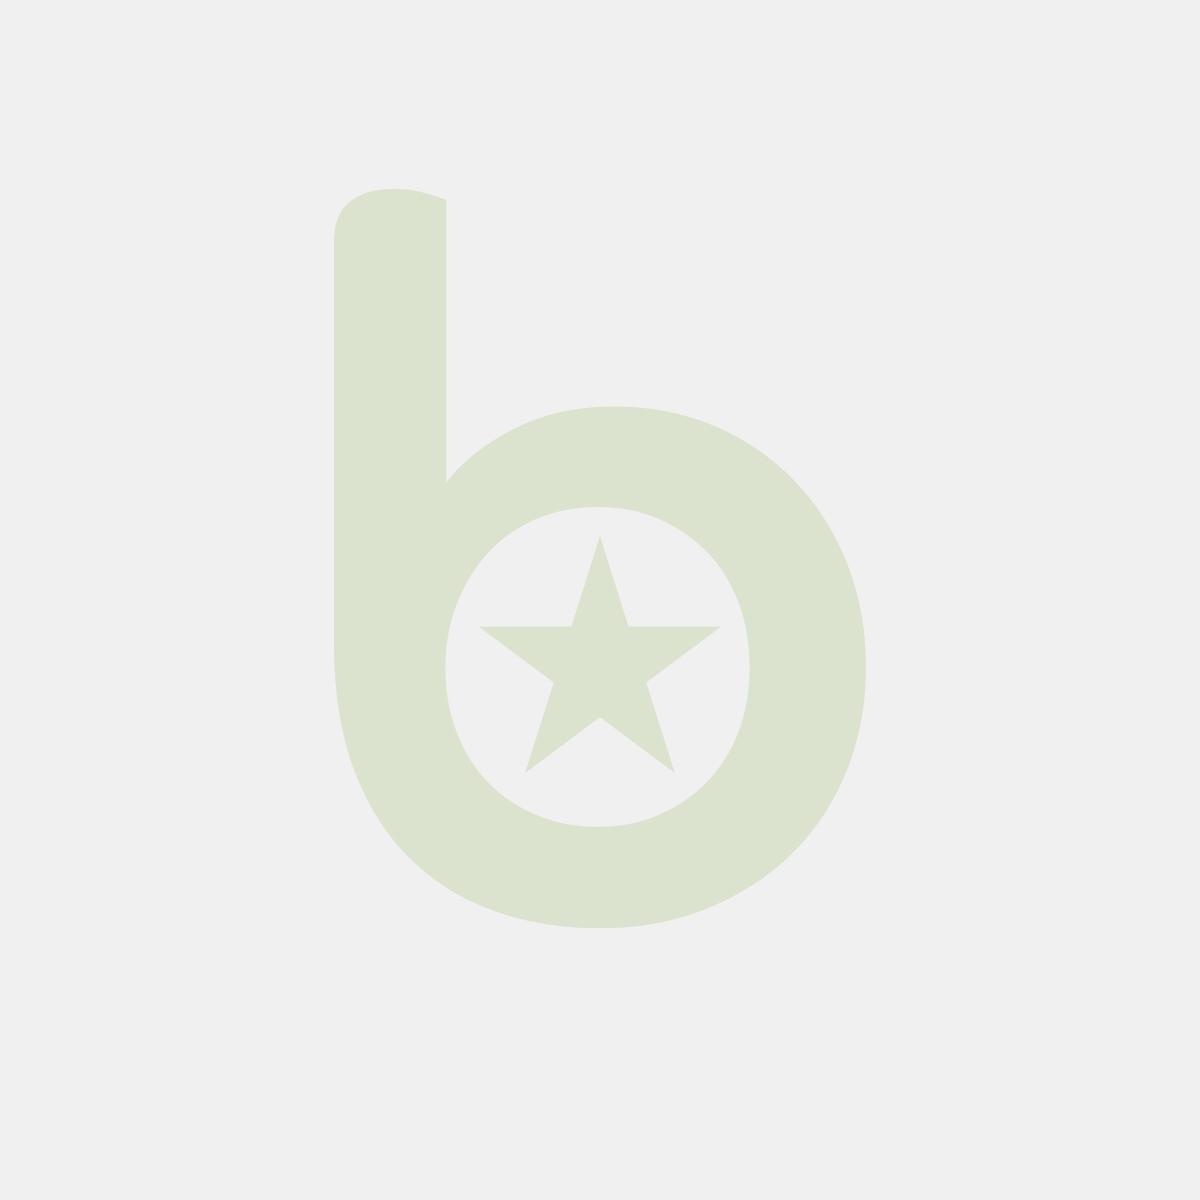 Folia wieczkowa 125/250m U3 z PEEL 65mikr, do tac PET, PS, PVC, PP, PE, ALU